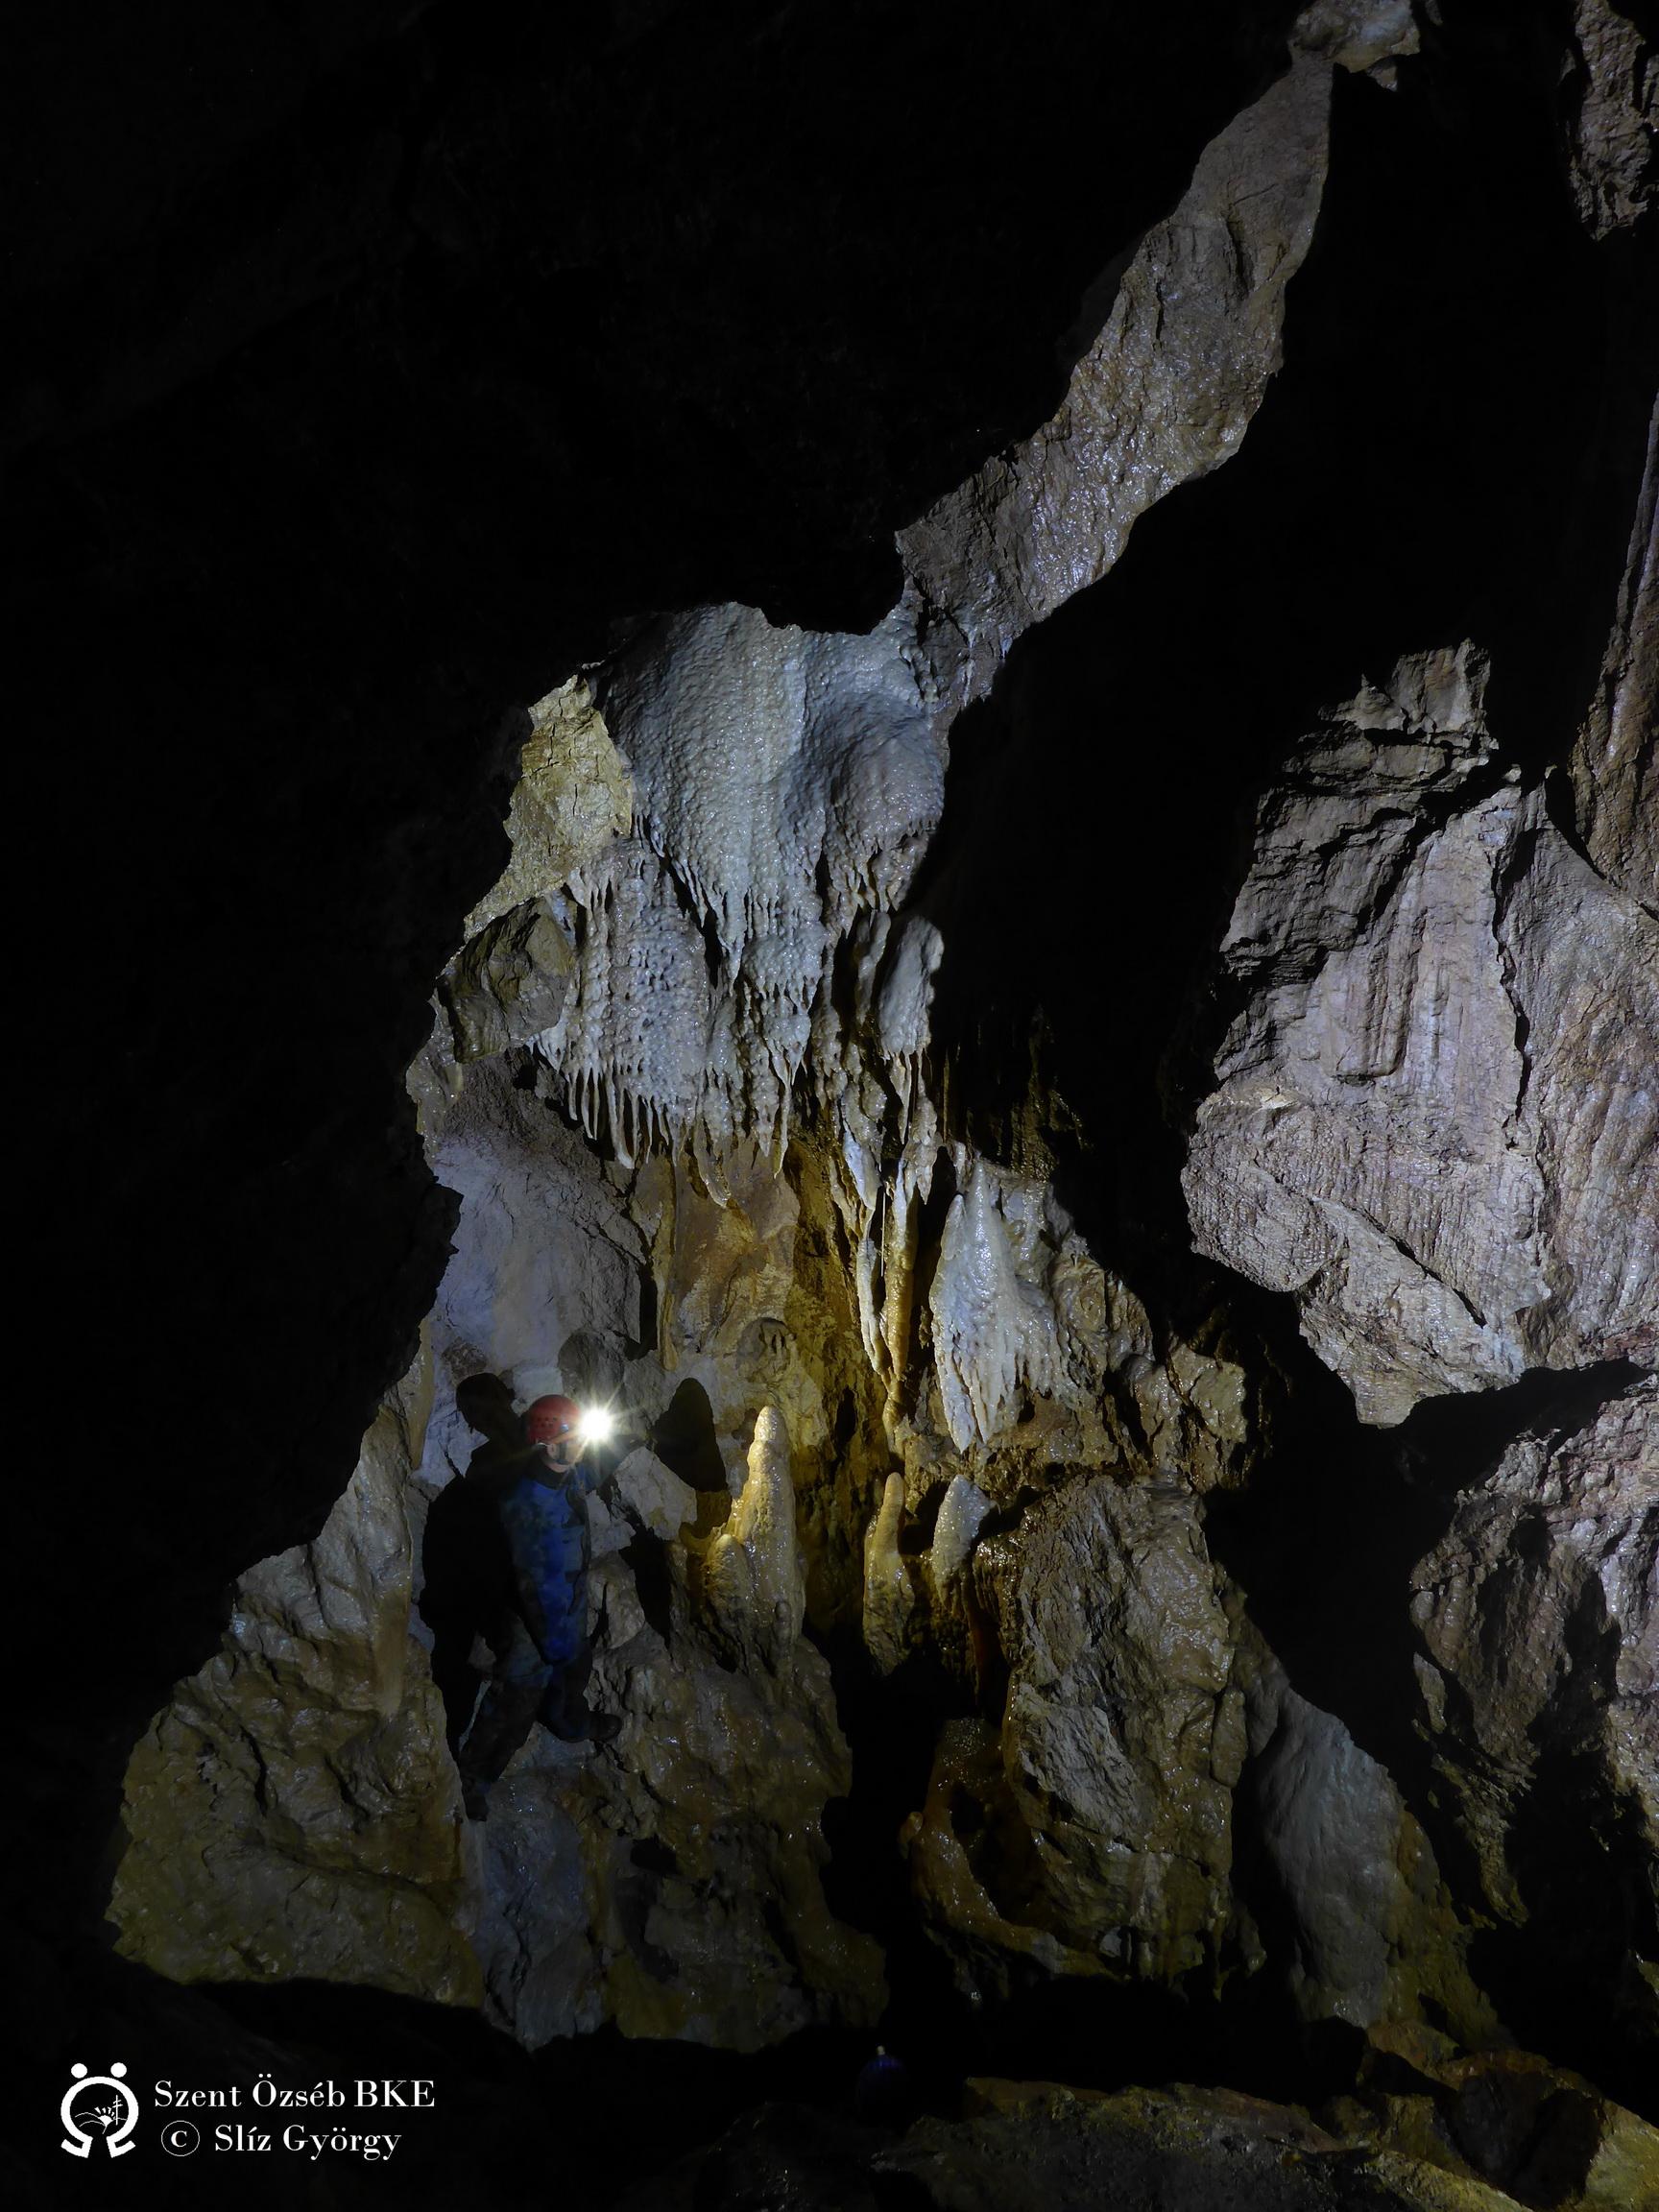 Diabáz-barlang, az aktív járat felső szakaszán